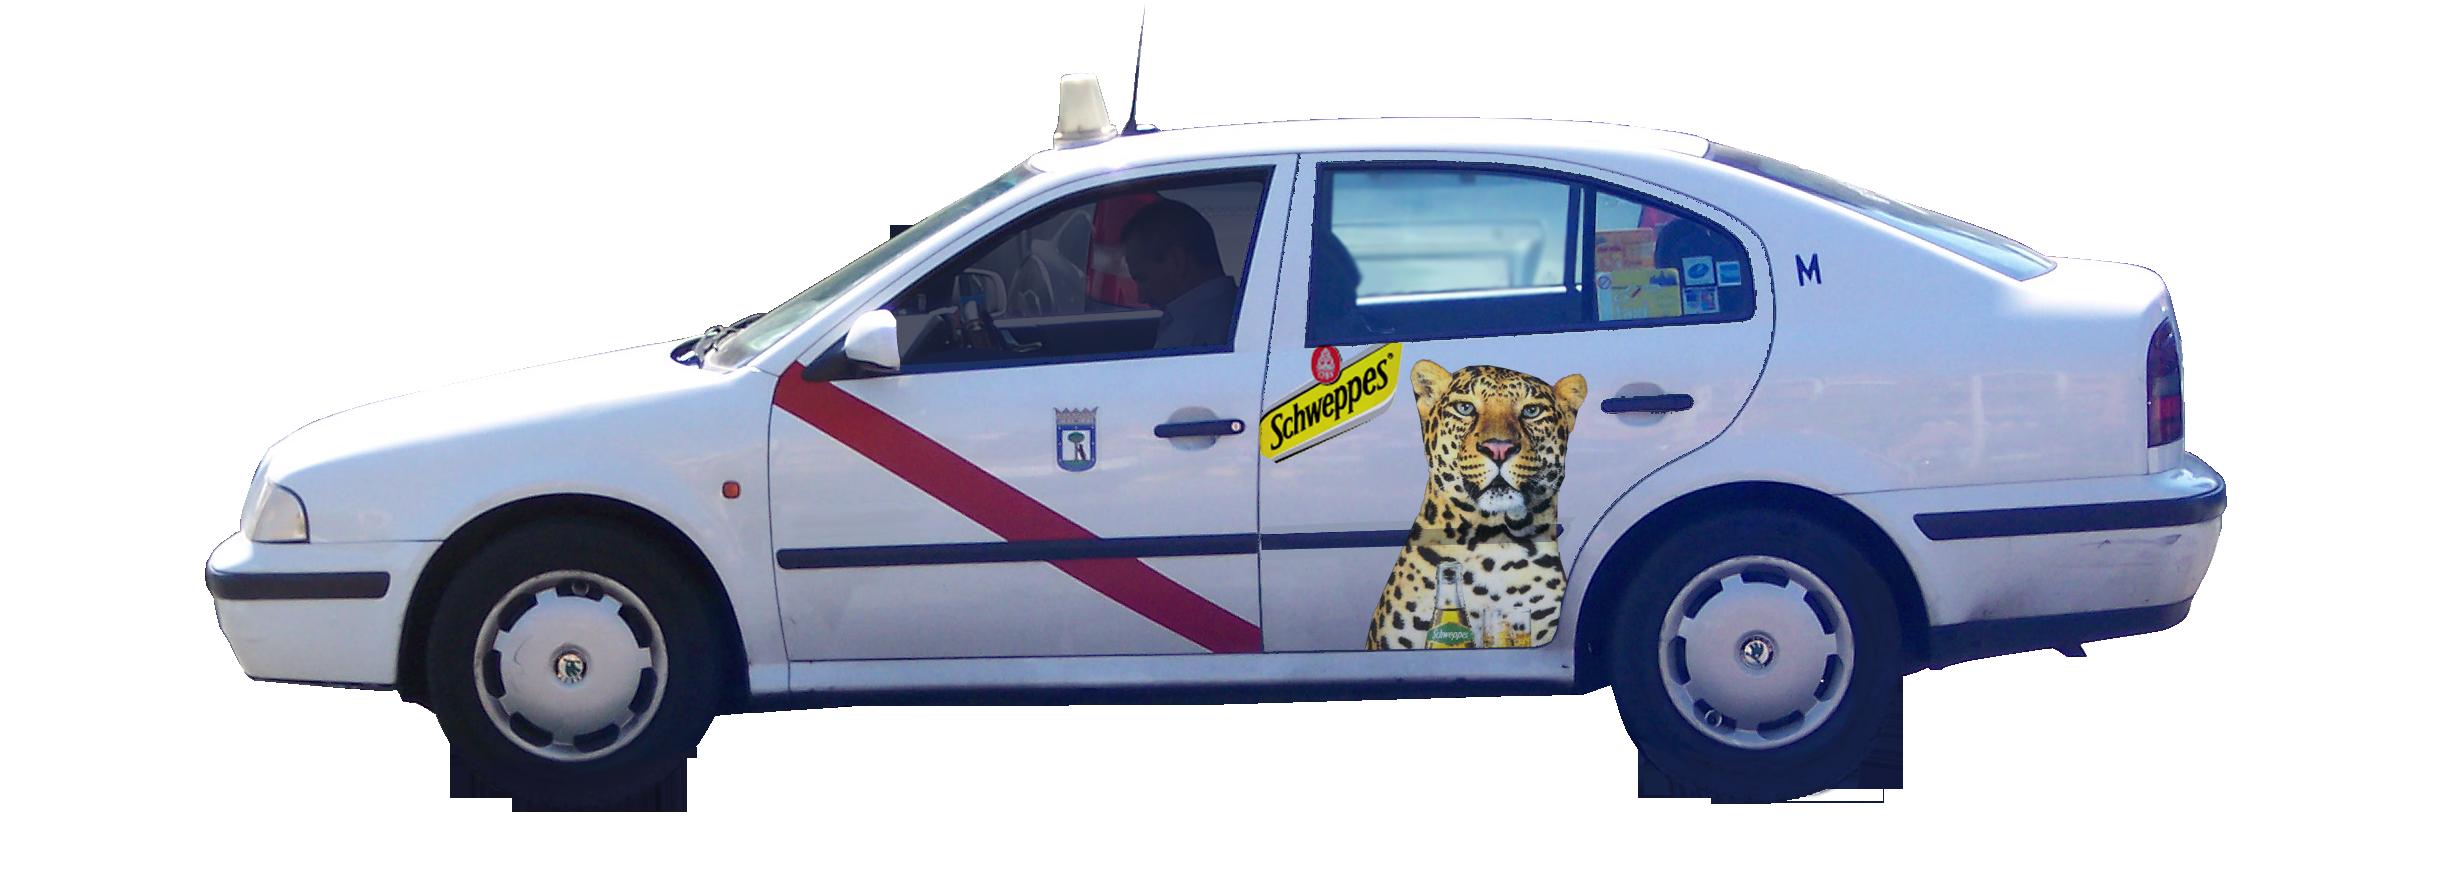 publicidad taxi Madrid Schweppes